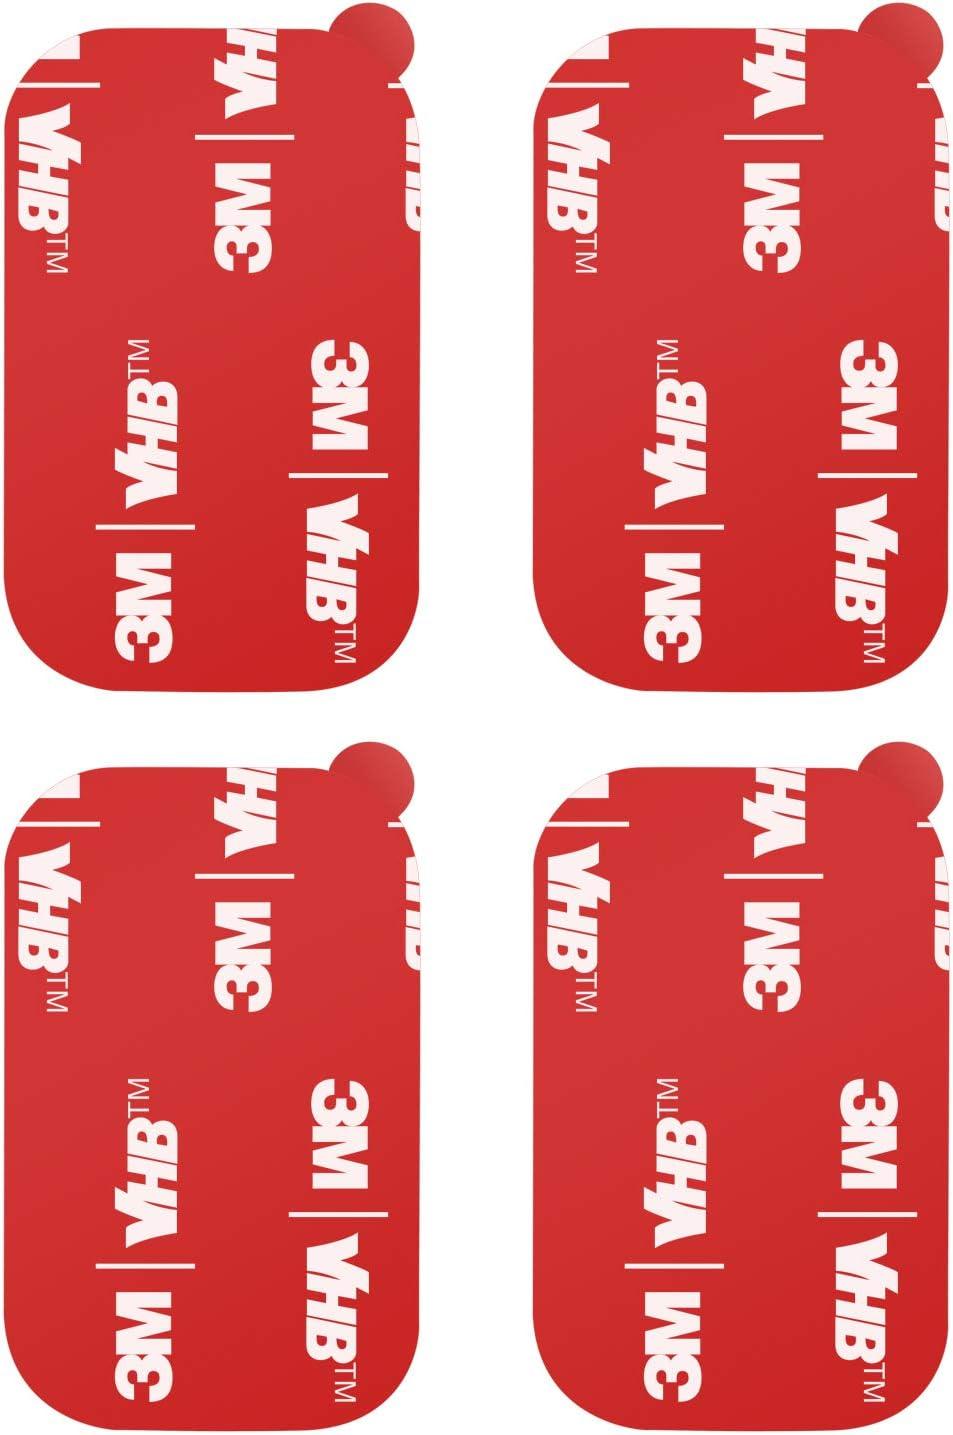 apps2 lot de 4 adhesifs 3m vhb pour tableau de bord de voiture adhesifs double face 3m